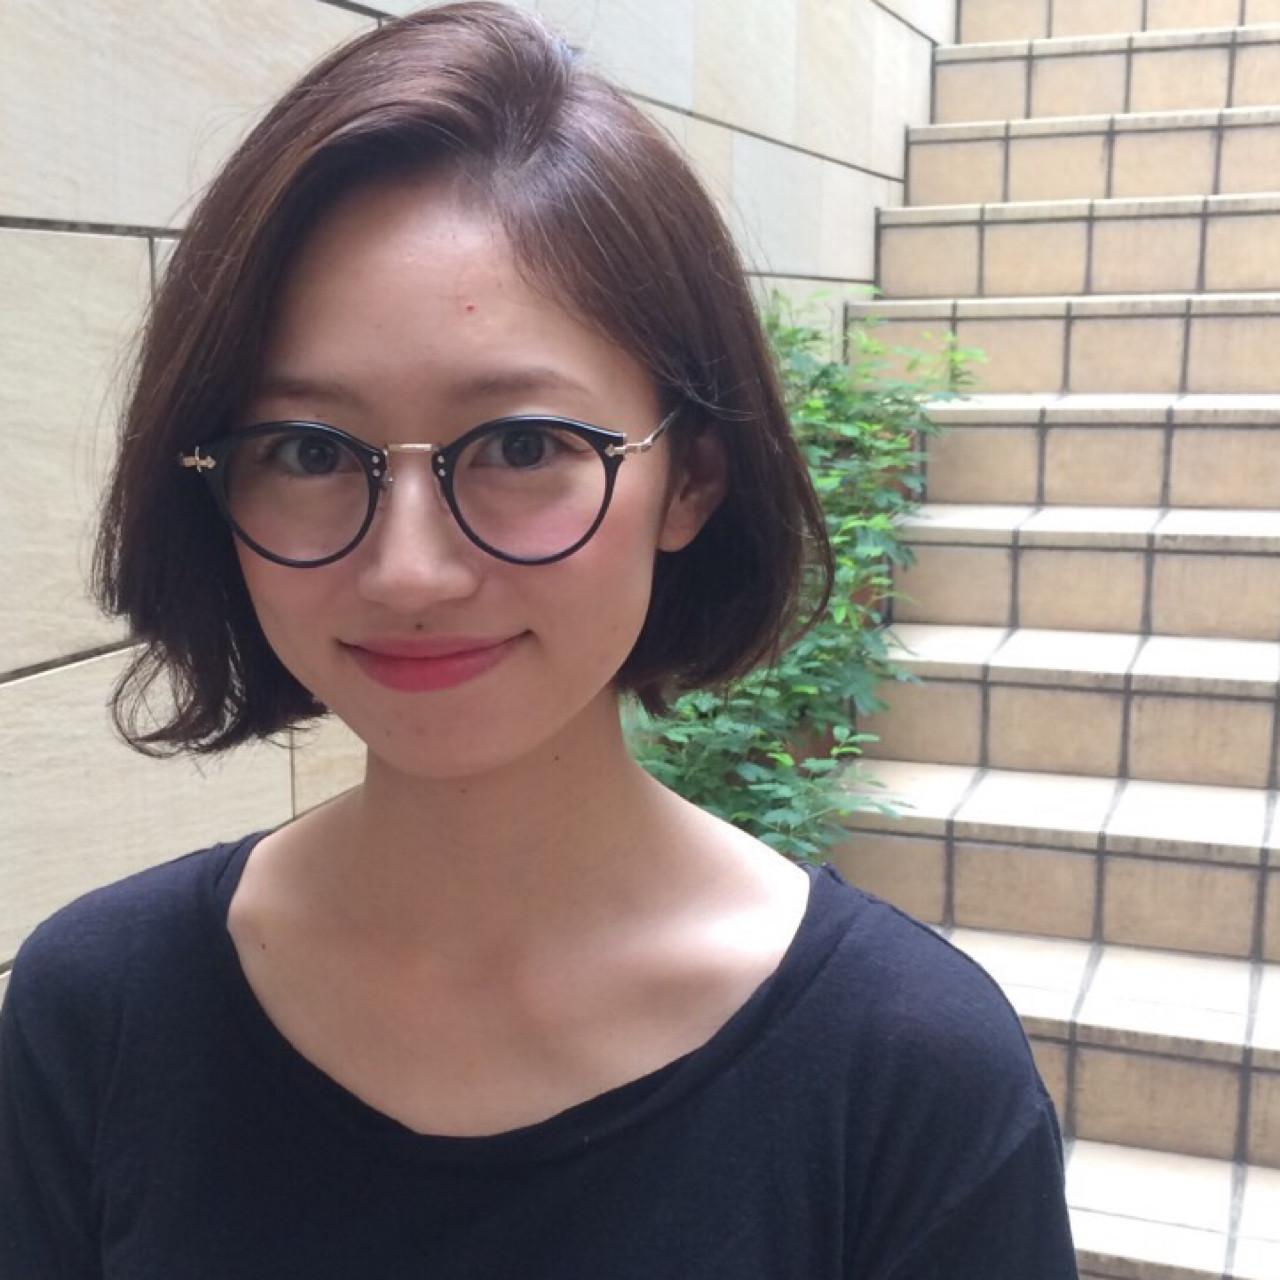 メガネ の 似合う 髪型